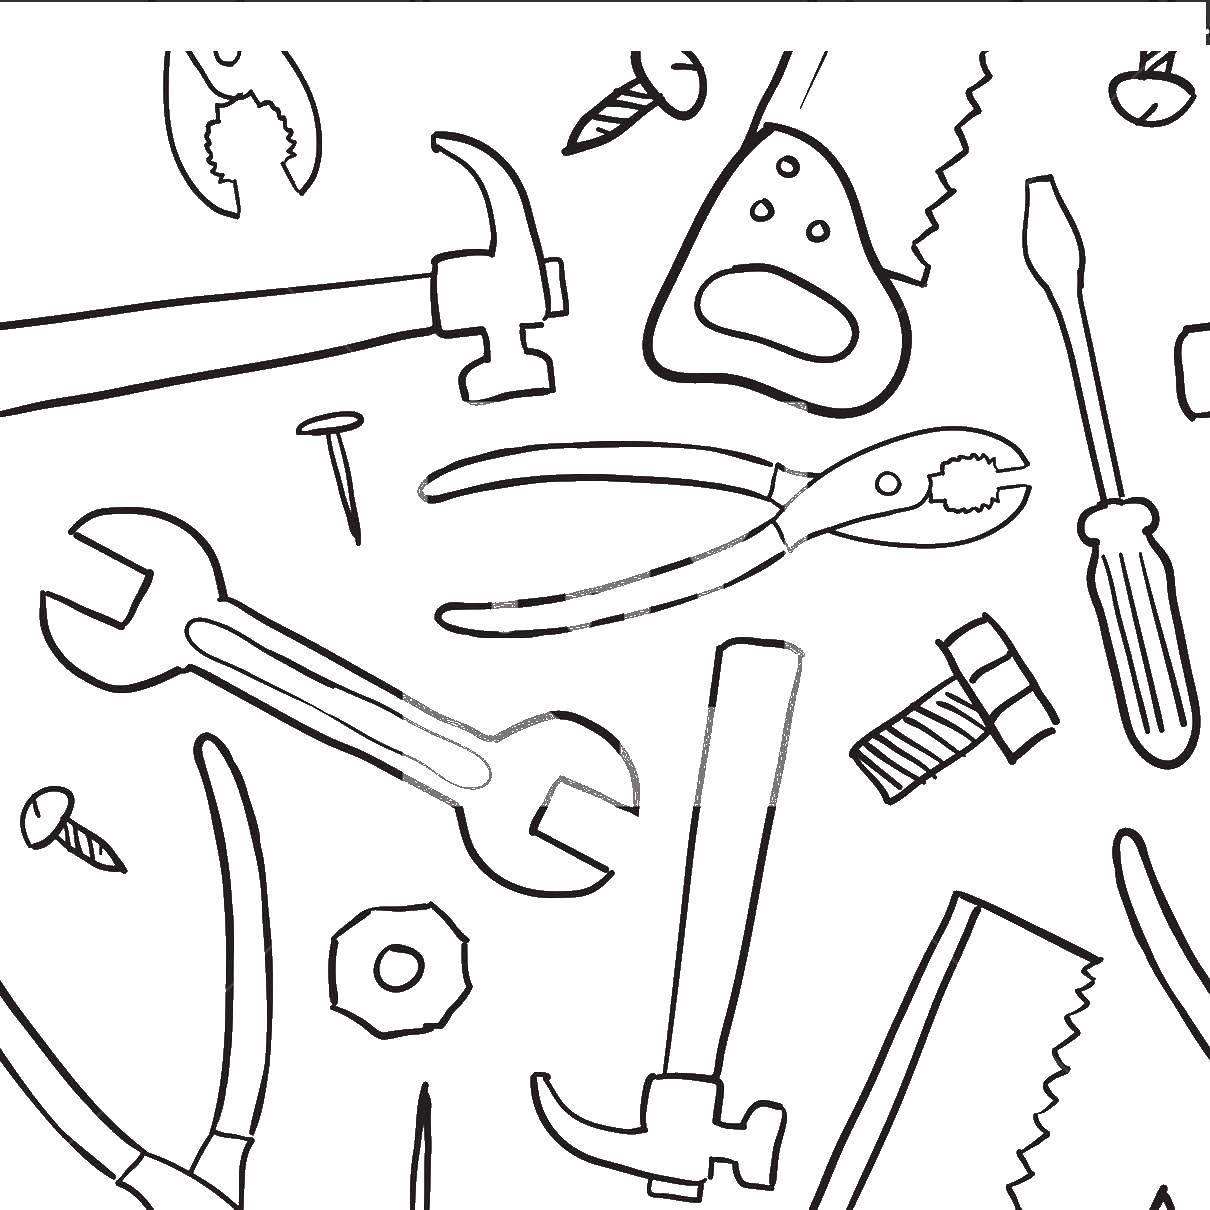 Раскраска Инструменты Скачать инструменты.  Распечатать ,инструменты,